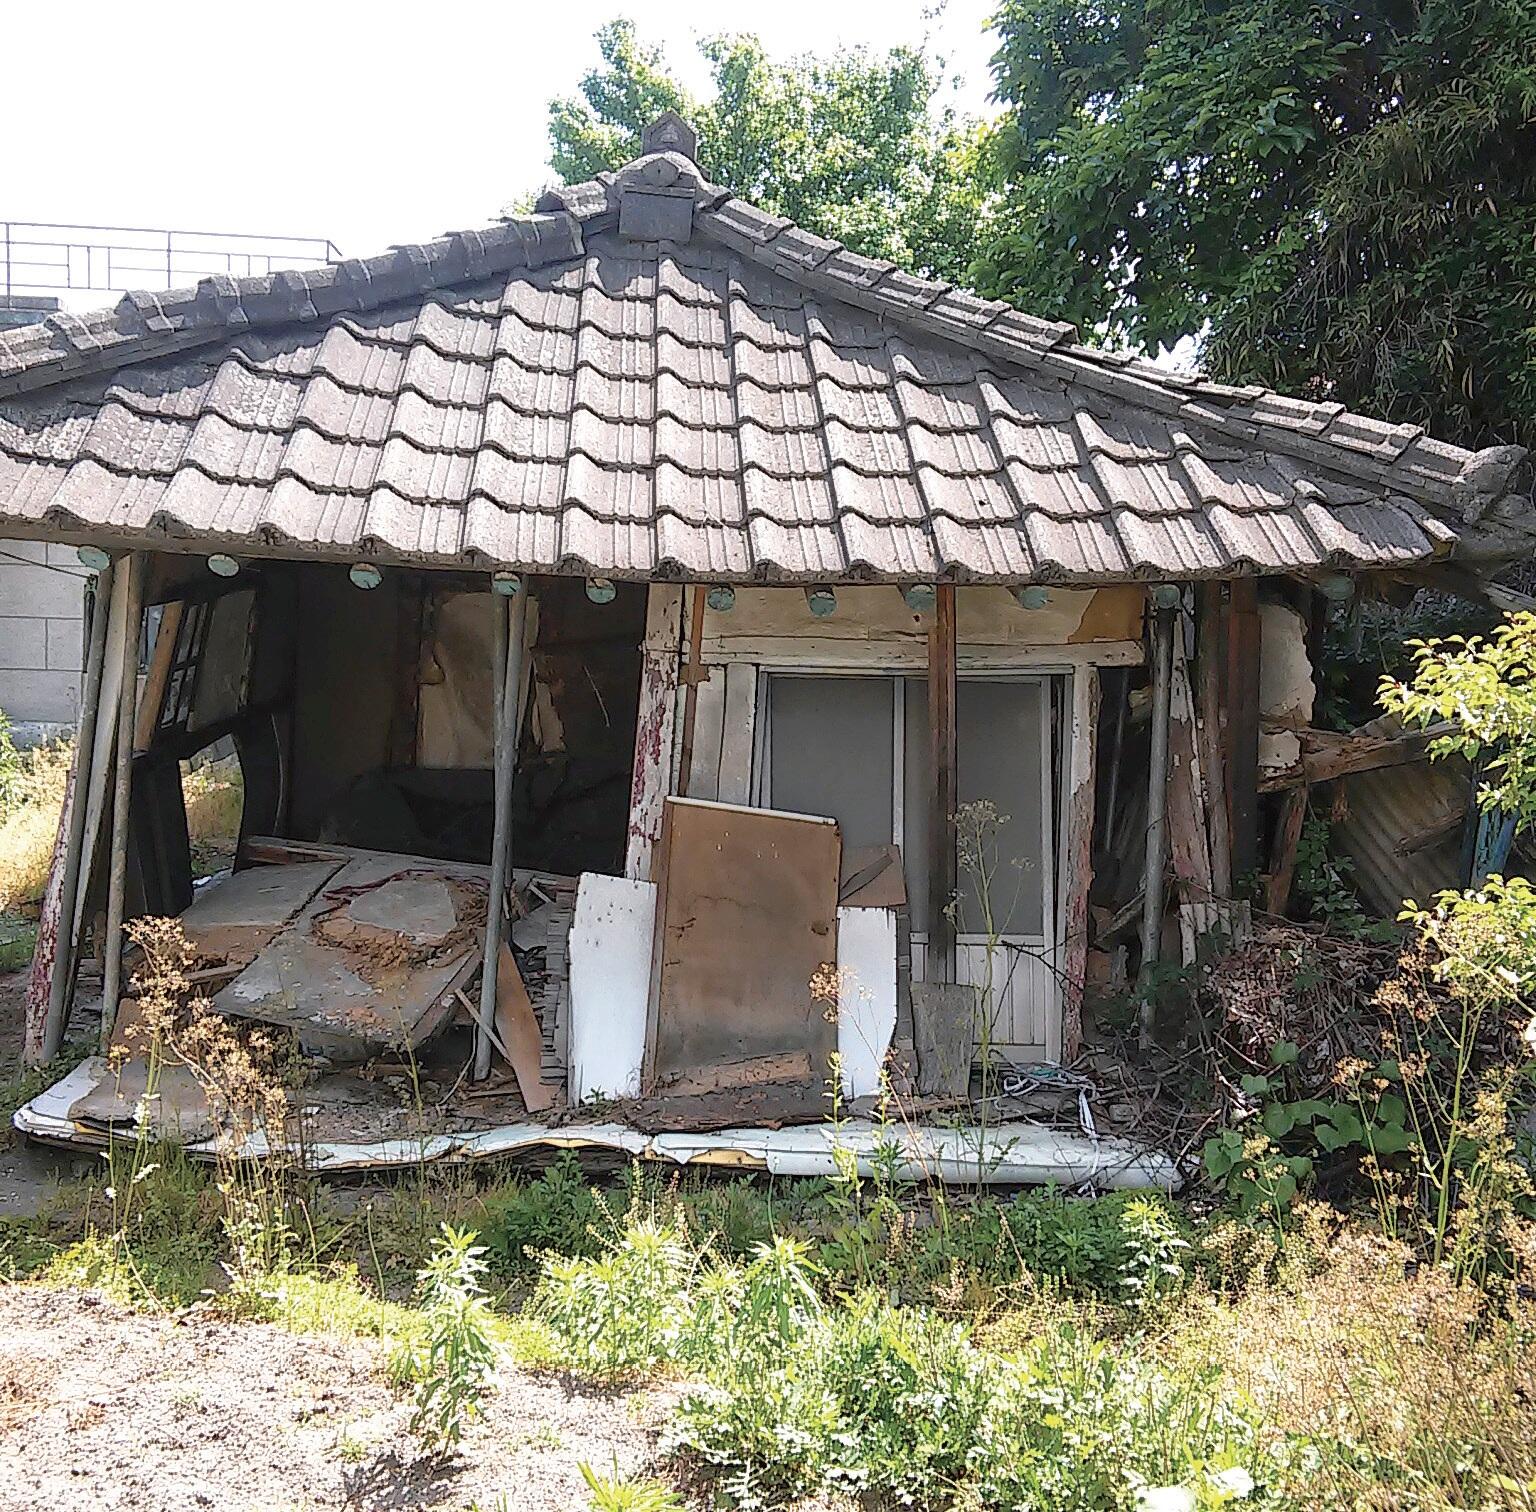 허물어지는 농촌의 빈집들.